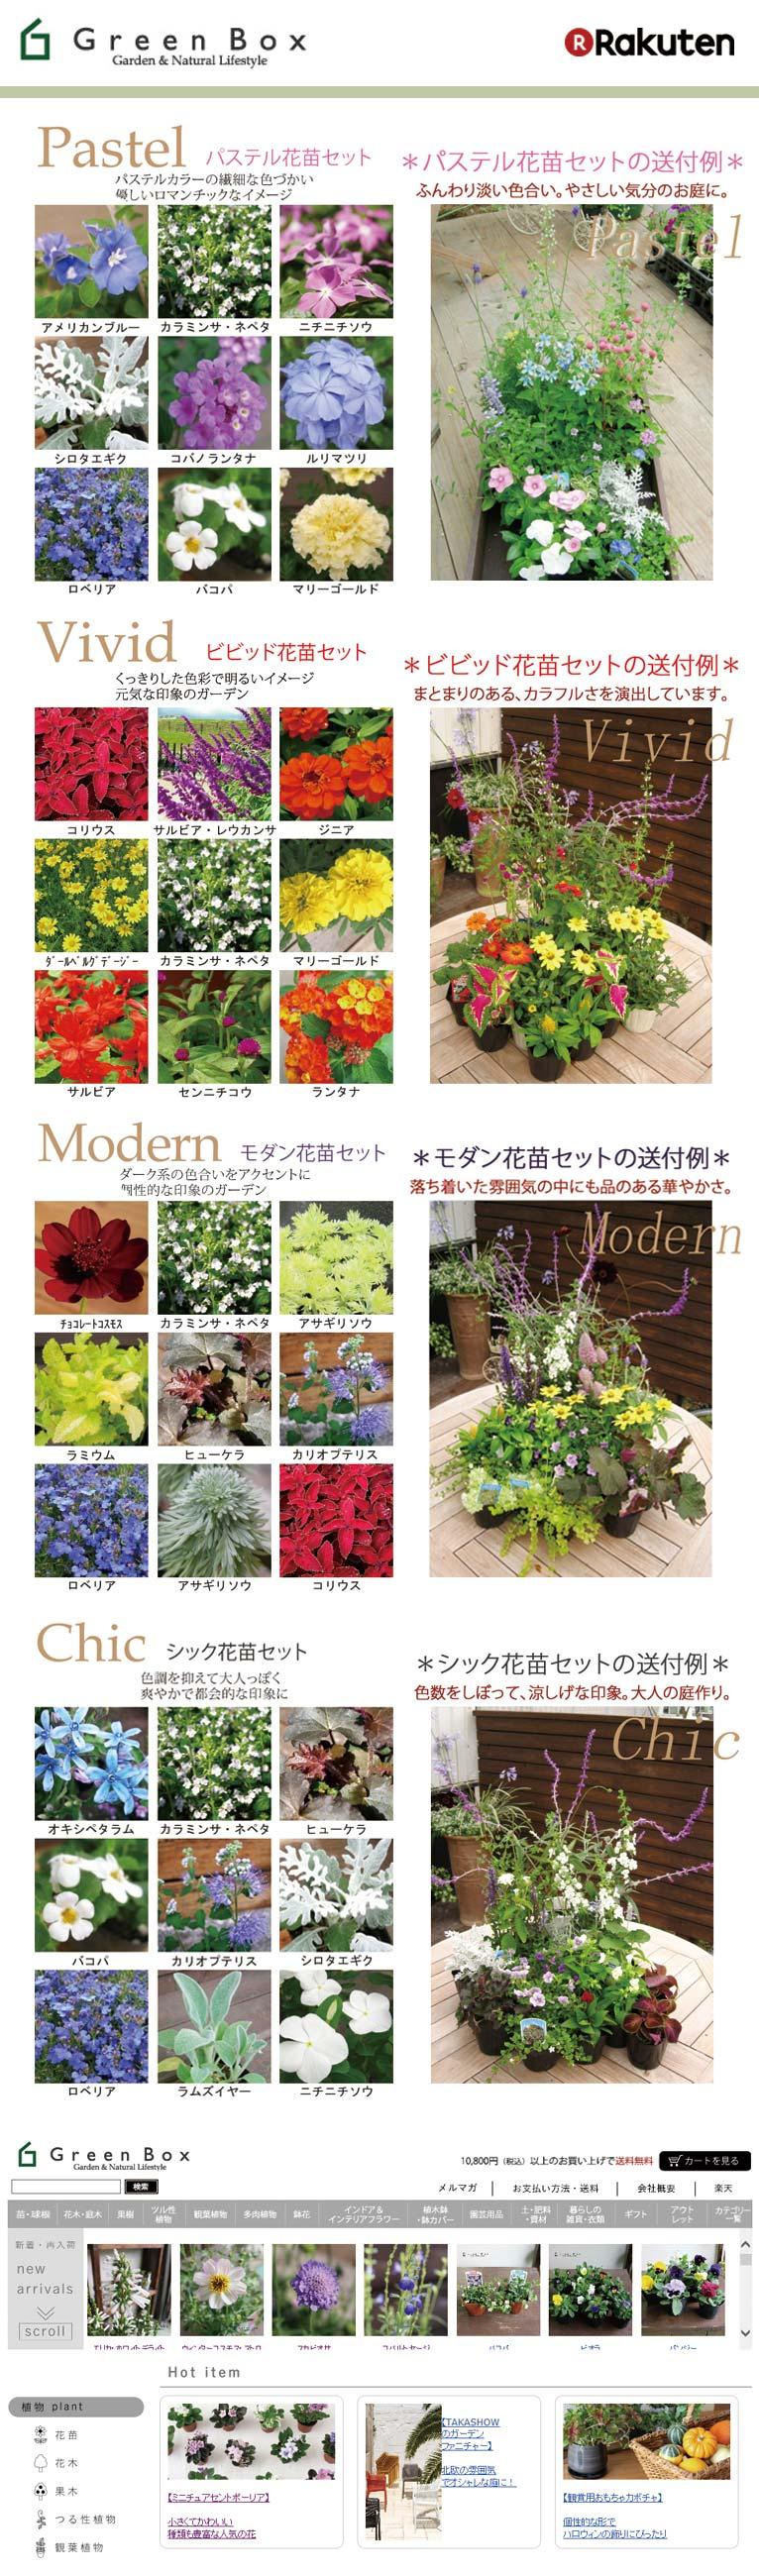 【送料無料】ガーデンデザイナーが作る選べるテーマカラー花苗福袋20個入 楽天ショップ『Green Box』 土井庭苑